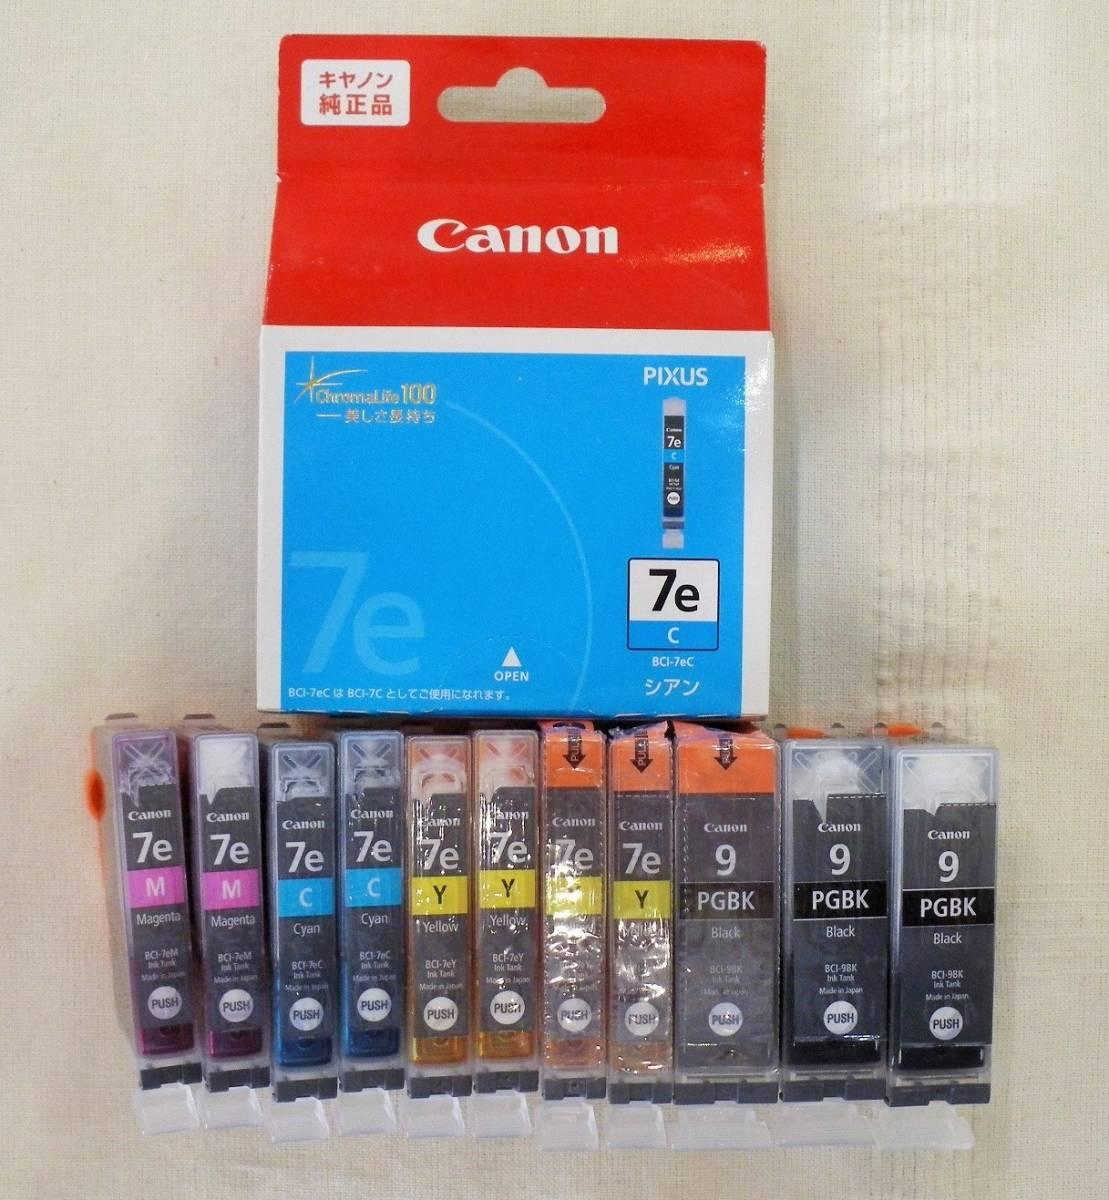 送込! キャノン純正インク BCI-9BK&BCI-7e 4色セット 12個訳あり。